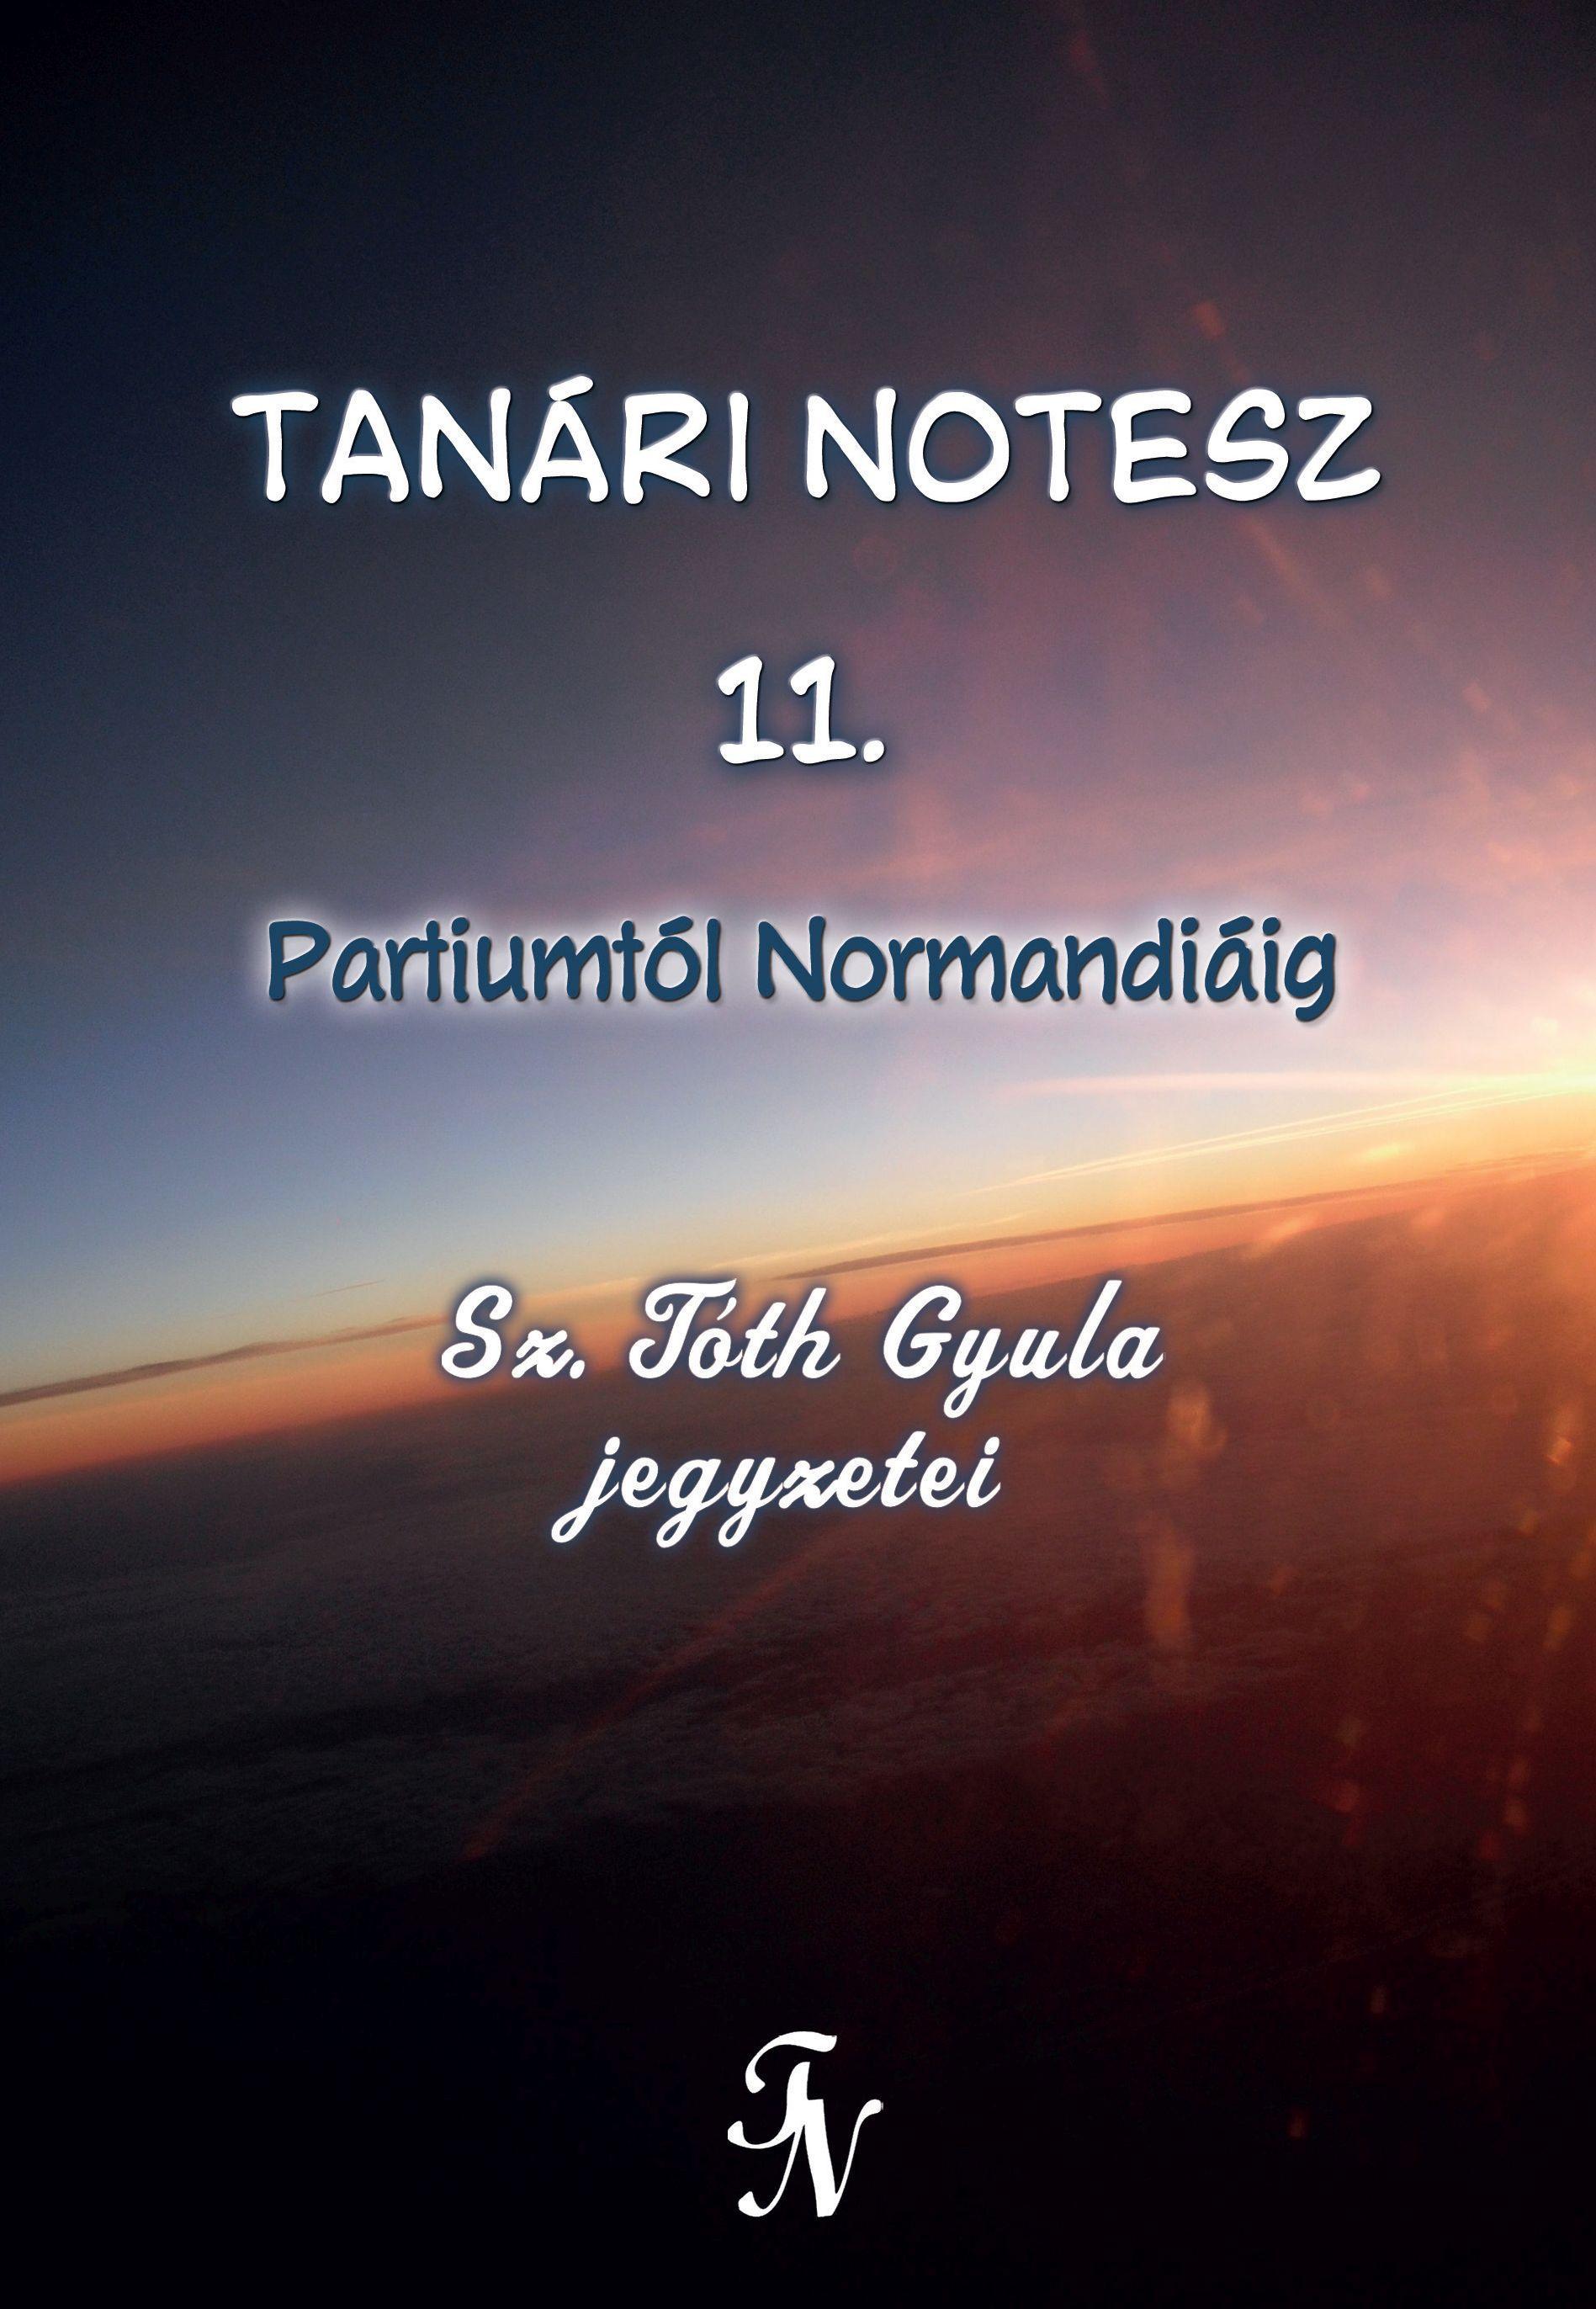 SZ. TÓTH GYULA - TANÁRI NOTESZ 11. - ÜKH 2017 - PARTIUMTÓL NORMANDIÁIG